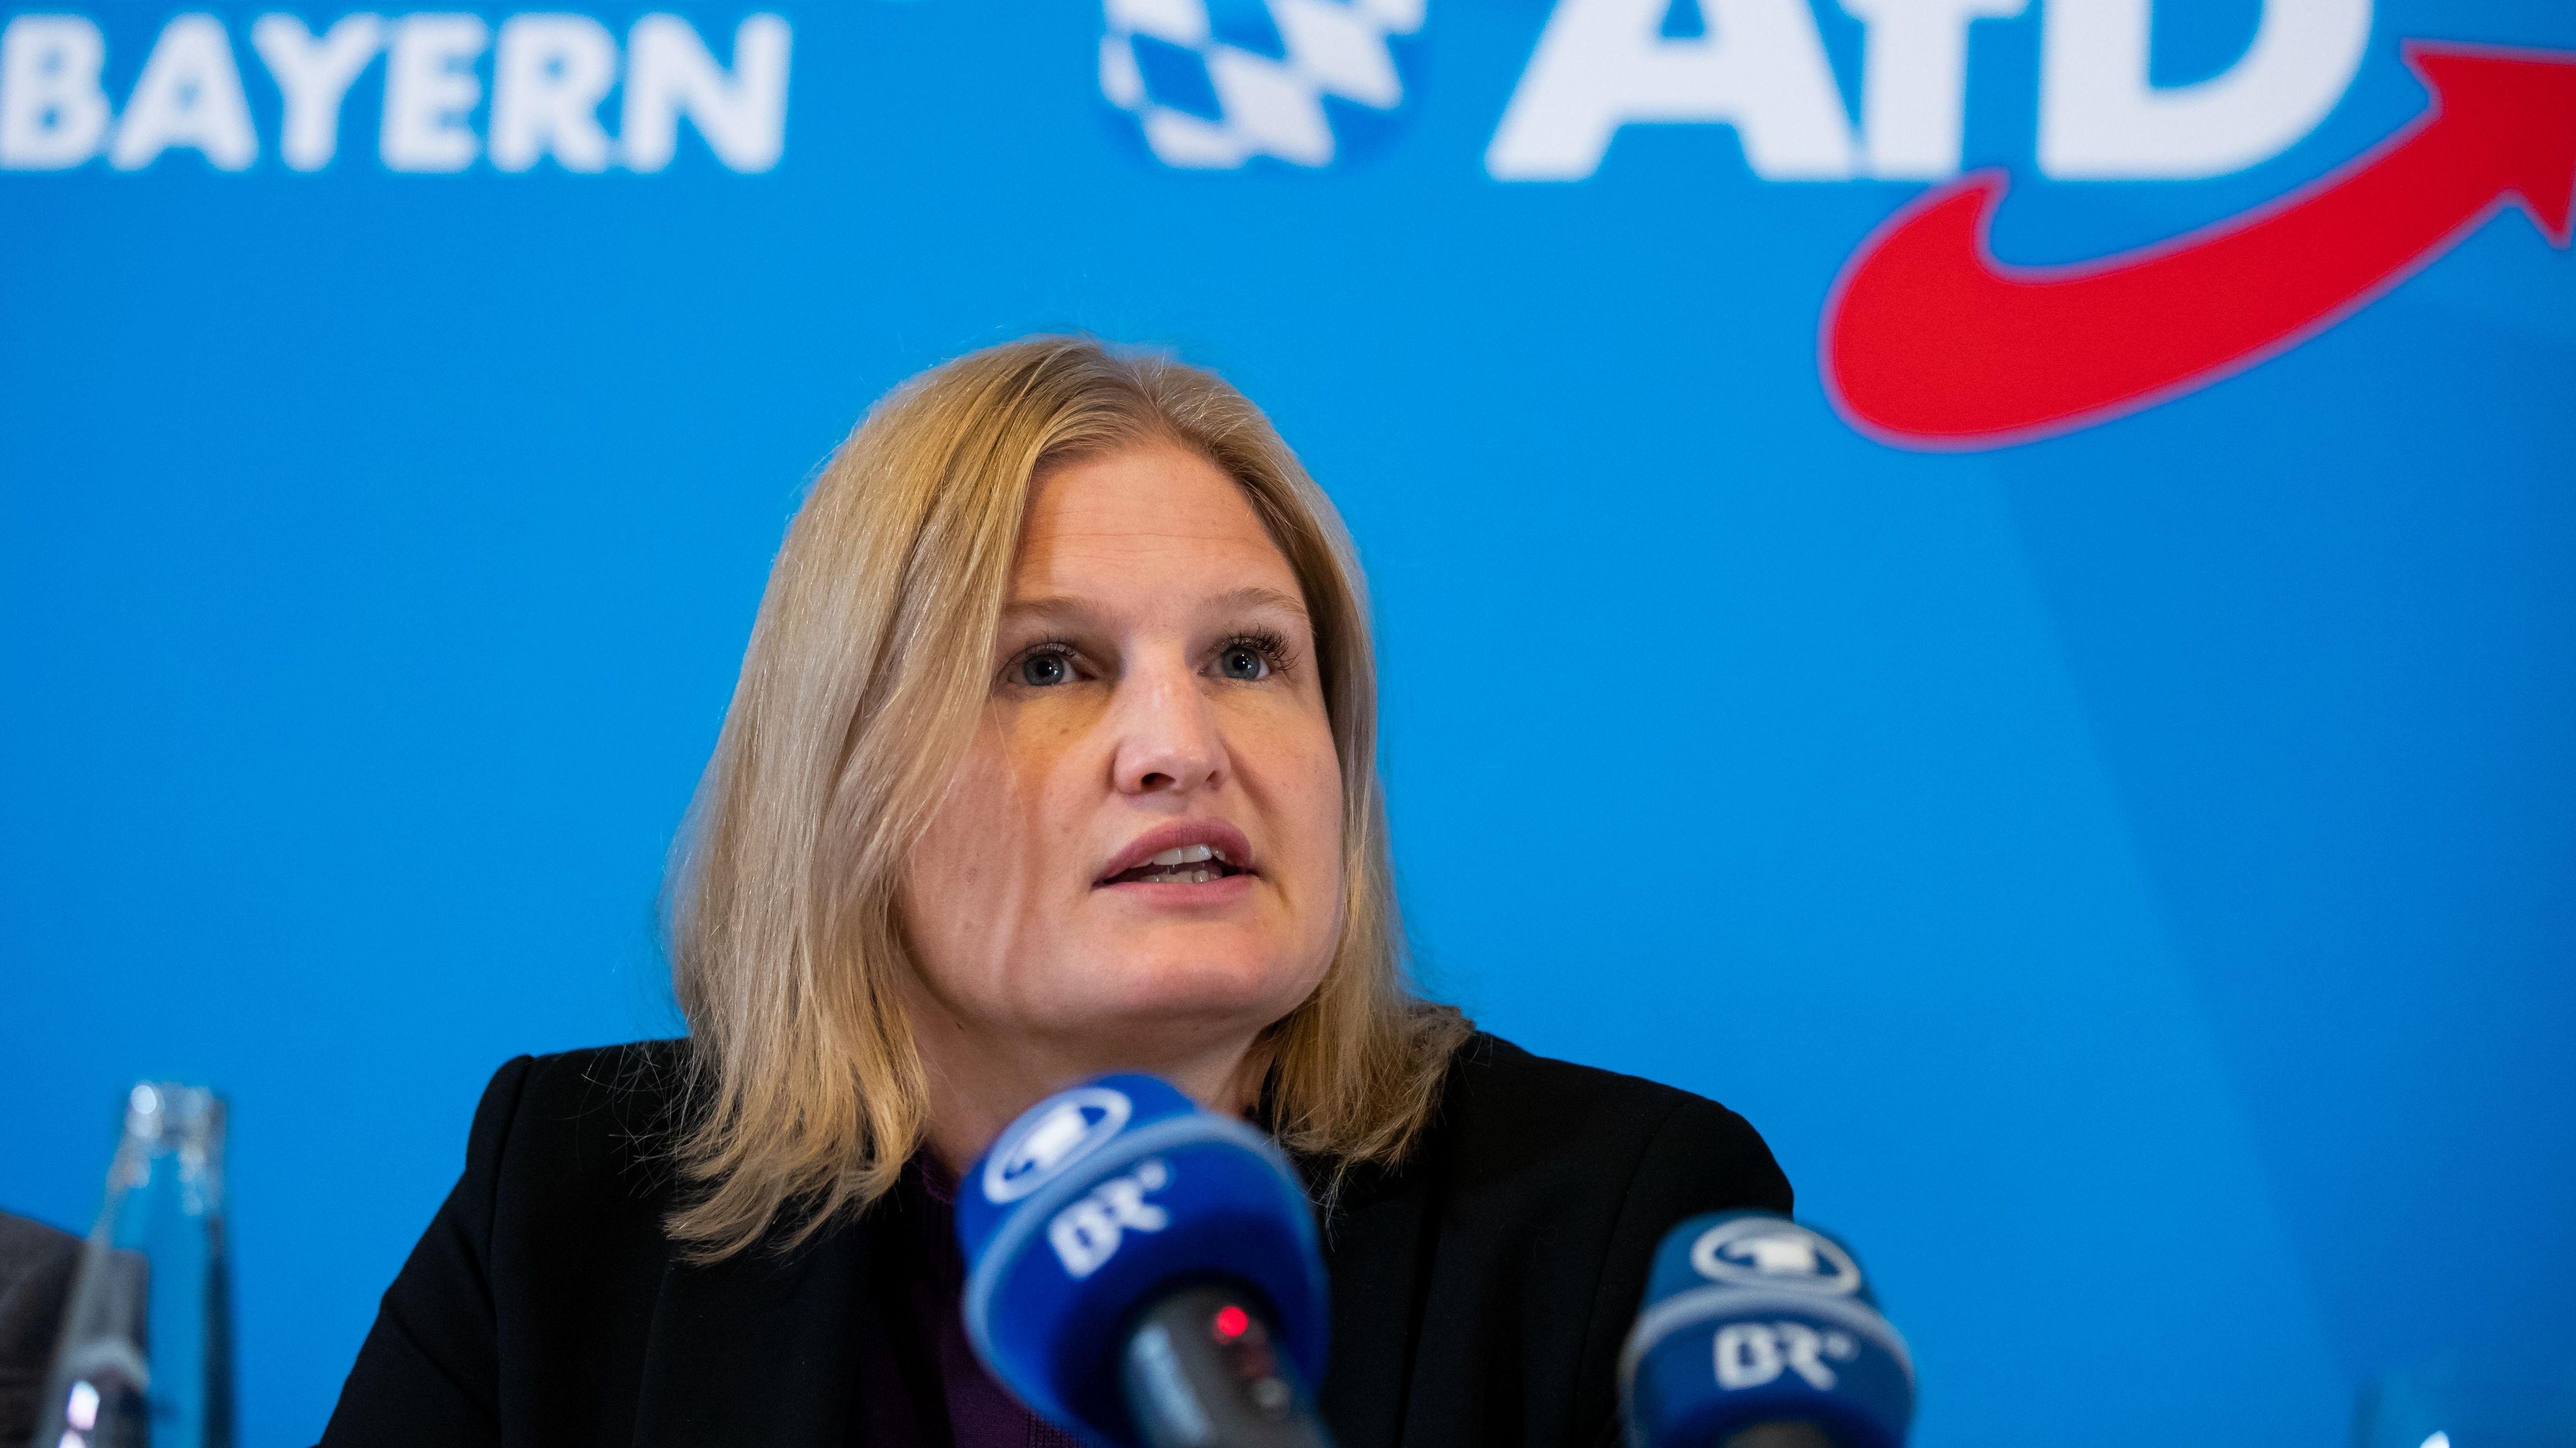 Bayerns AfD-Fraktionschefin Katrin Ebner-Steiner bei einer Pressekonferenz zum Abschluss der Herbstklausur der Abgeordneten am 19. September 2019